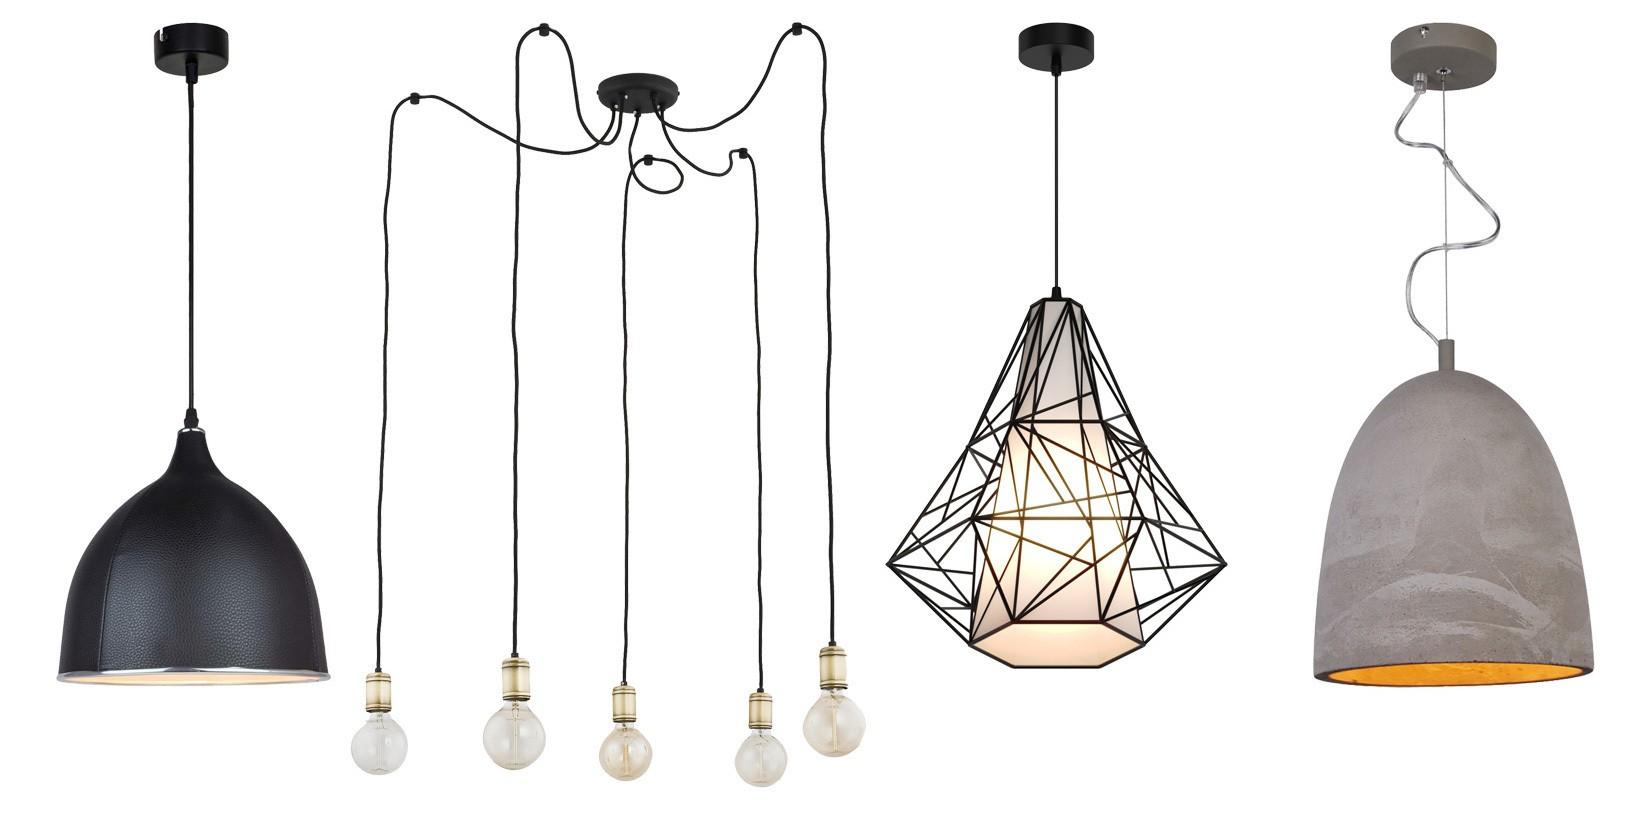 żyrandol Młodzieżowy Industrialne Lampy Oświetlenie Do